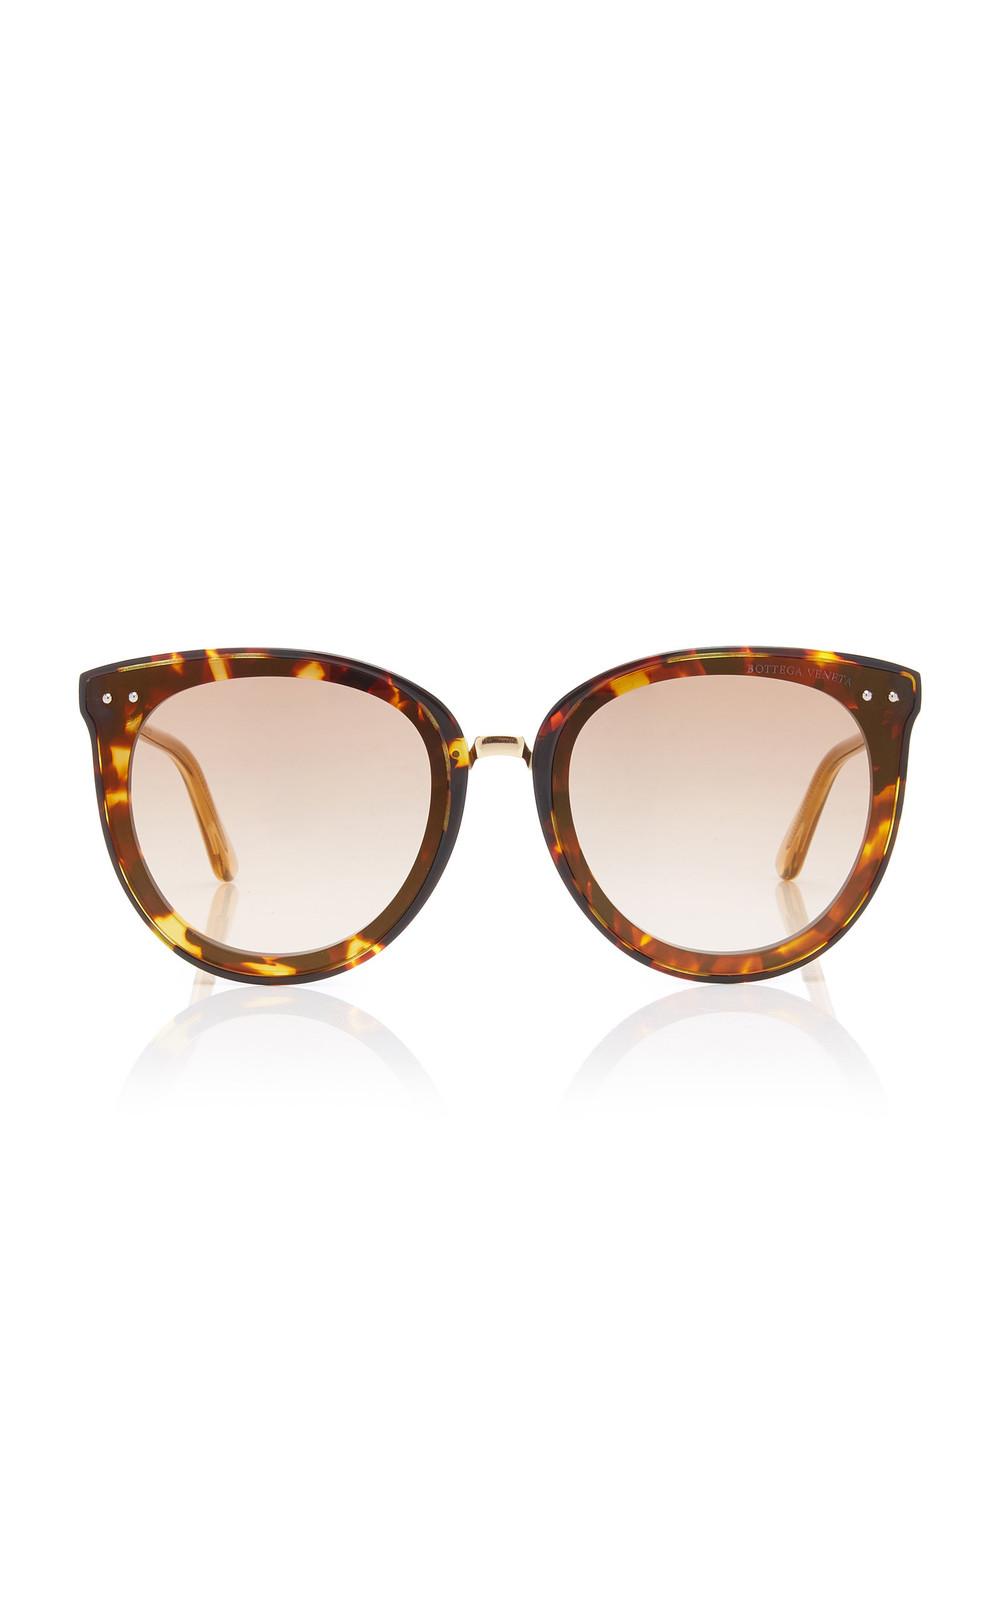 Bottega Veneta Sunglasses Oversized Tortoiseshell Acetate Cat-Eye Sunglasses in brown